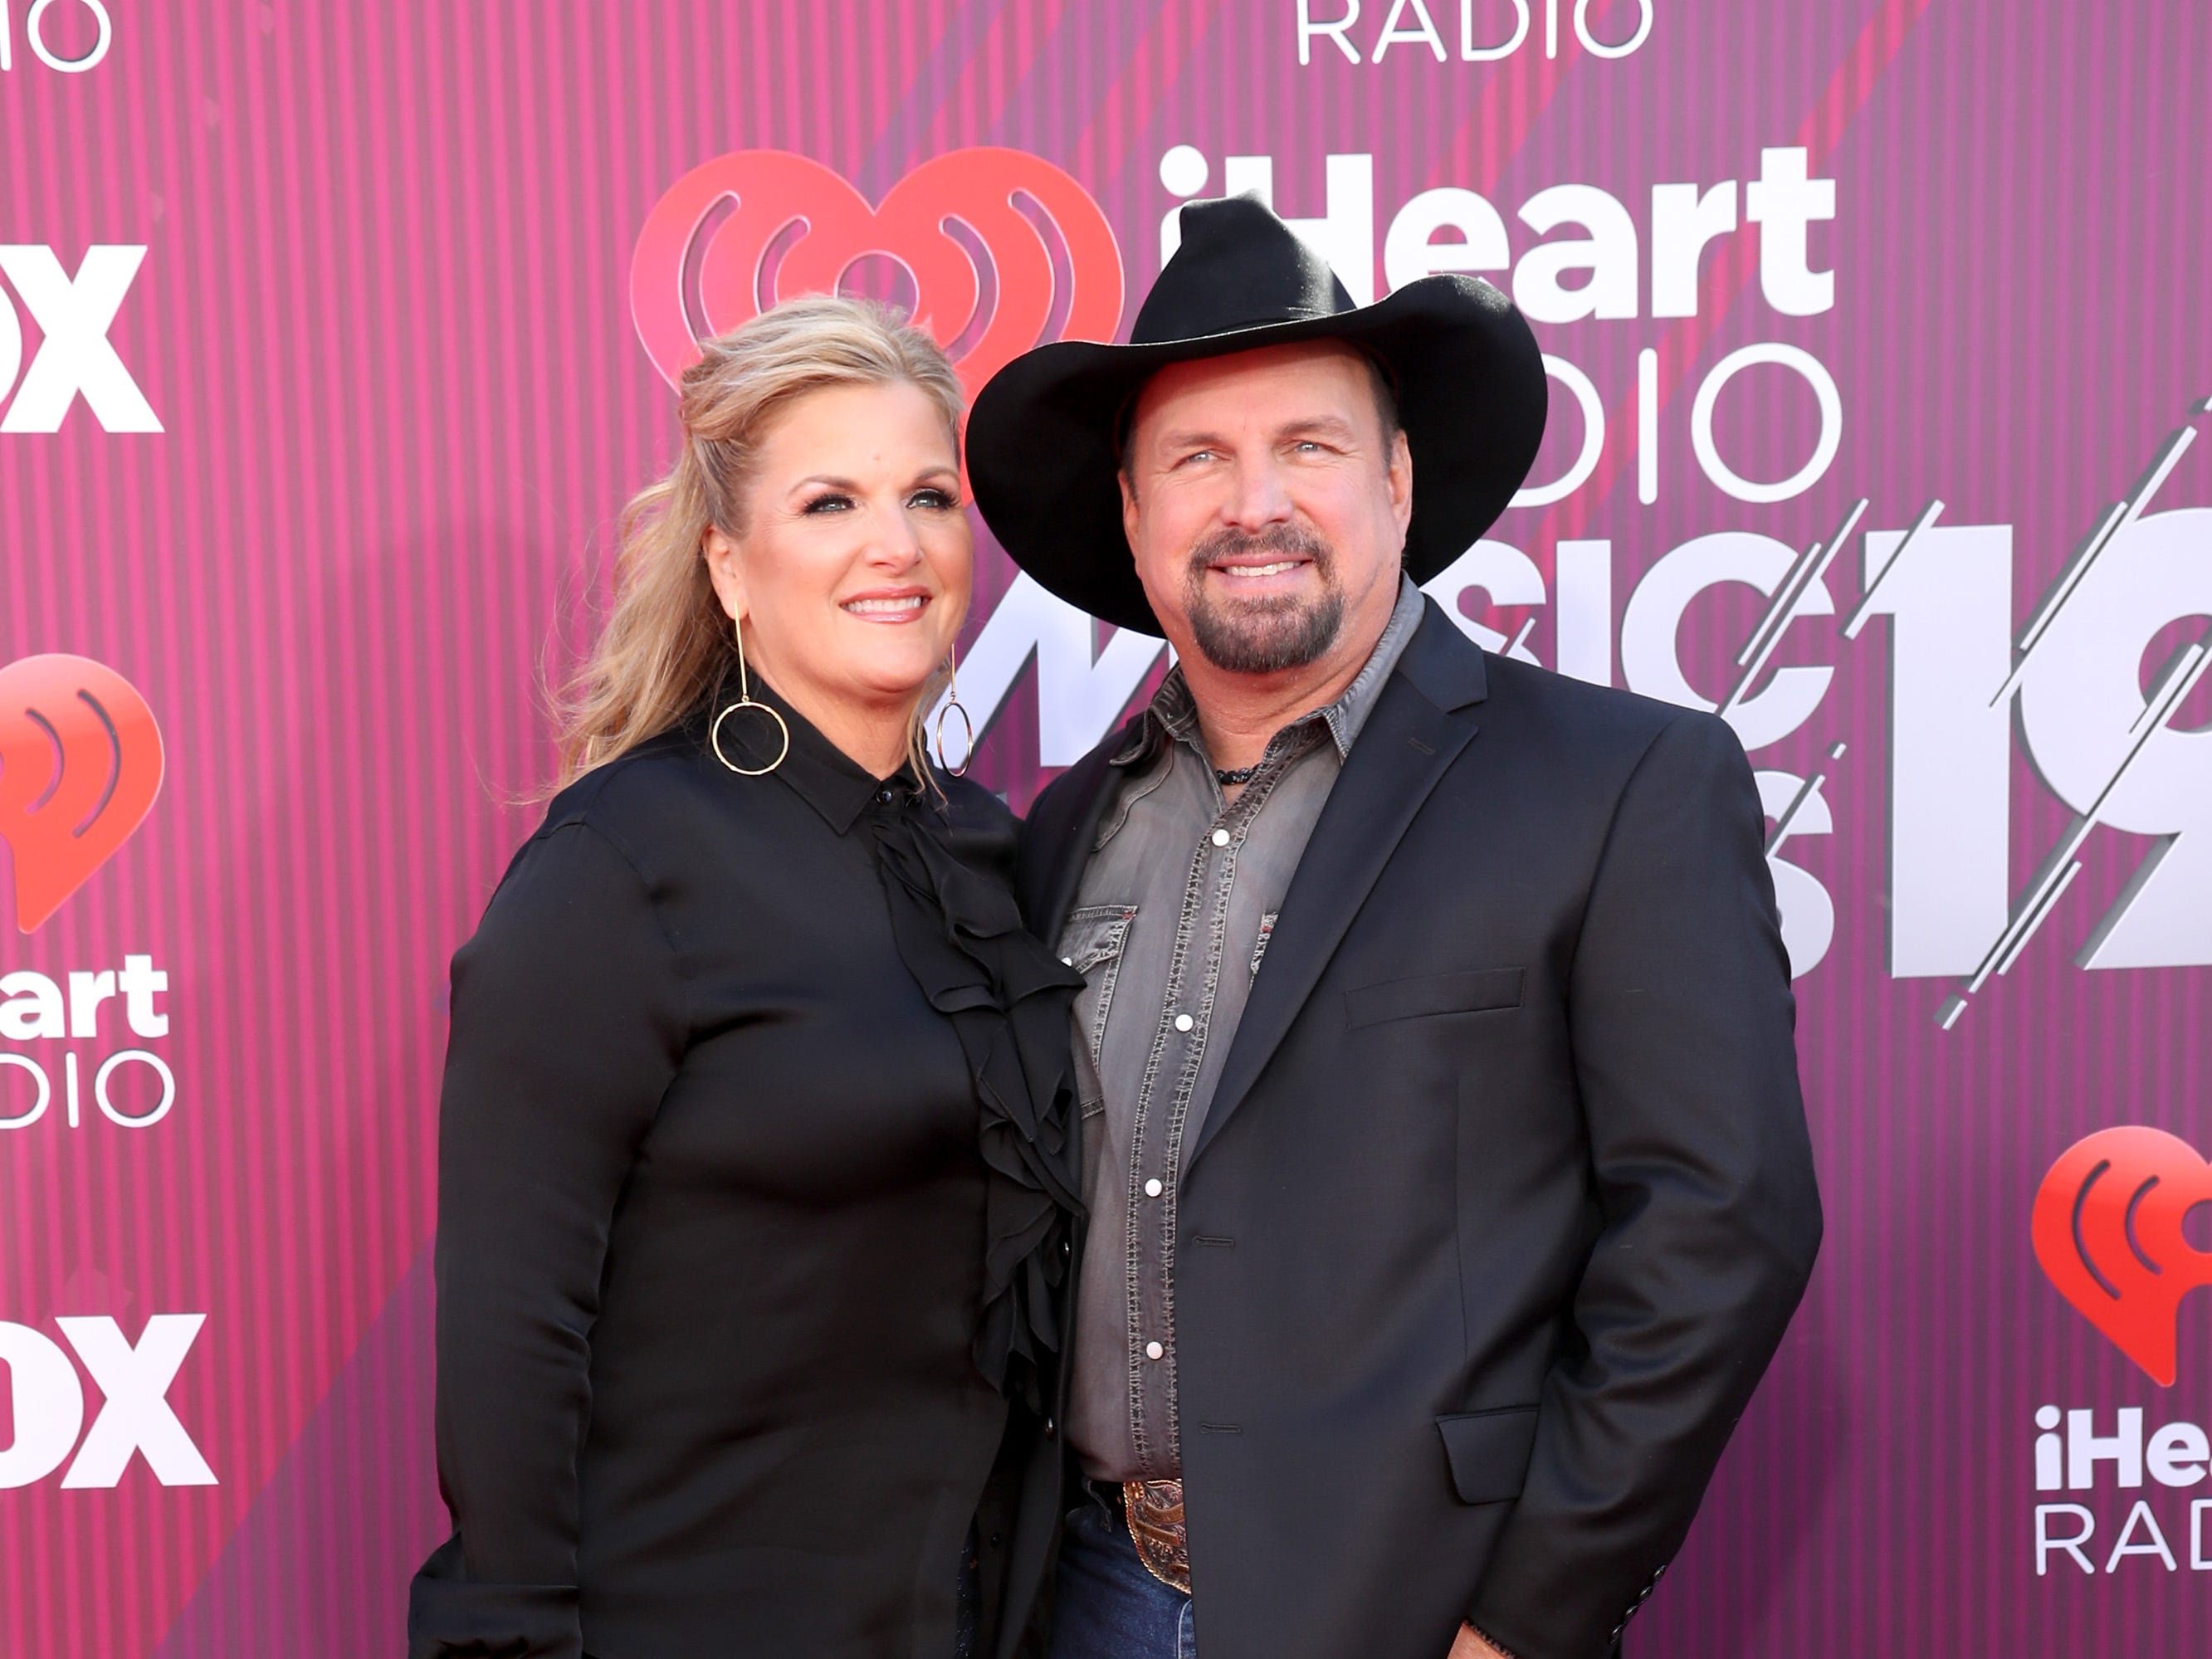 Trisha Yearwood y Garth Brooks a su llegada a los premios iHeart Radio Music Awards en 2019 el 14 de marzo de 2019 en Los Angeles, California.